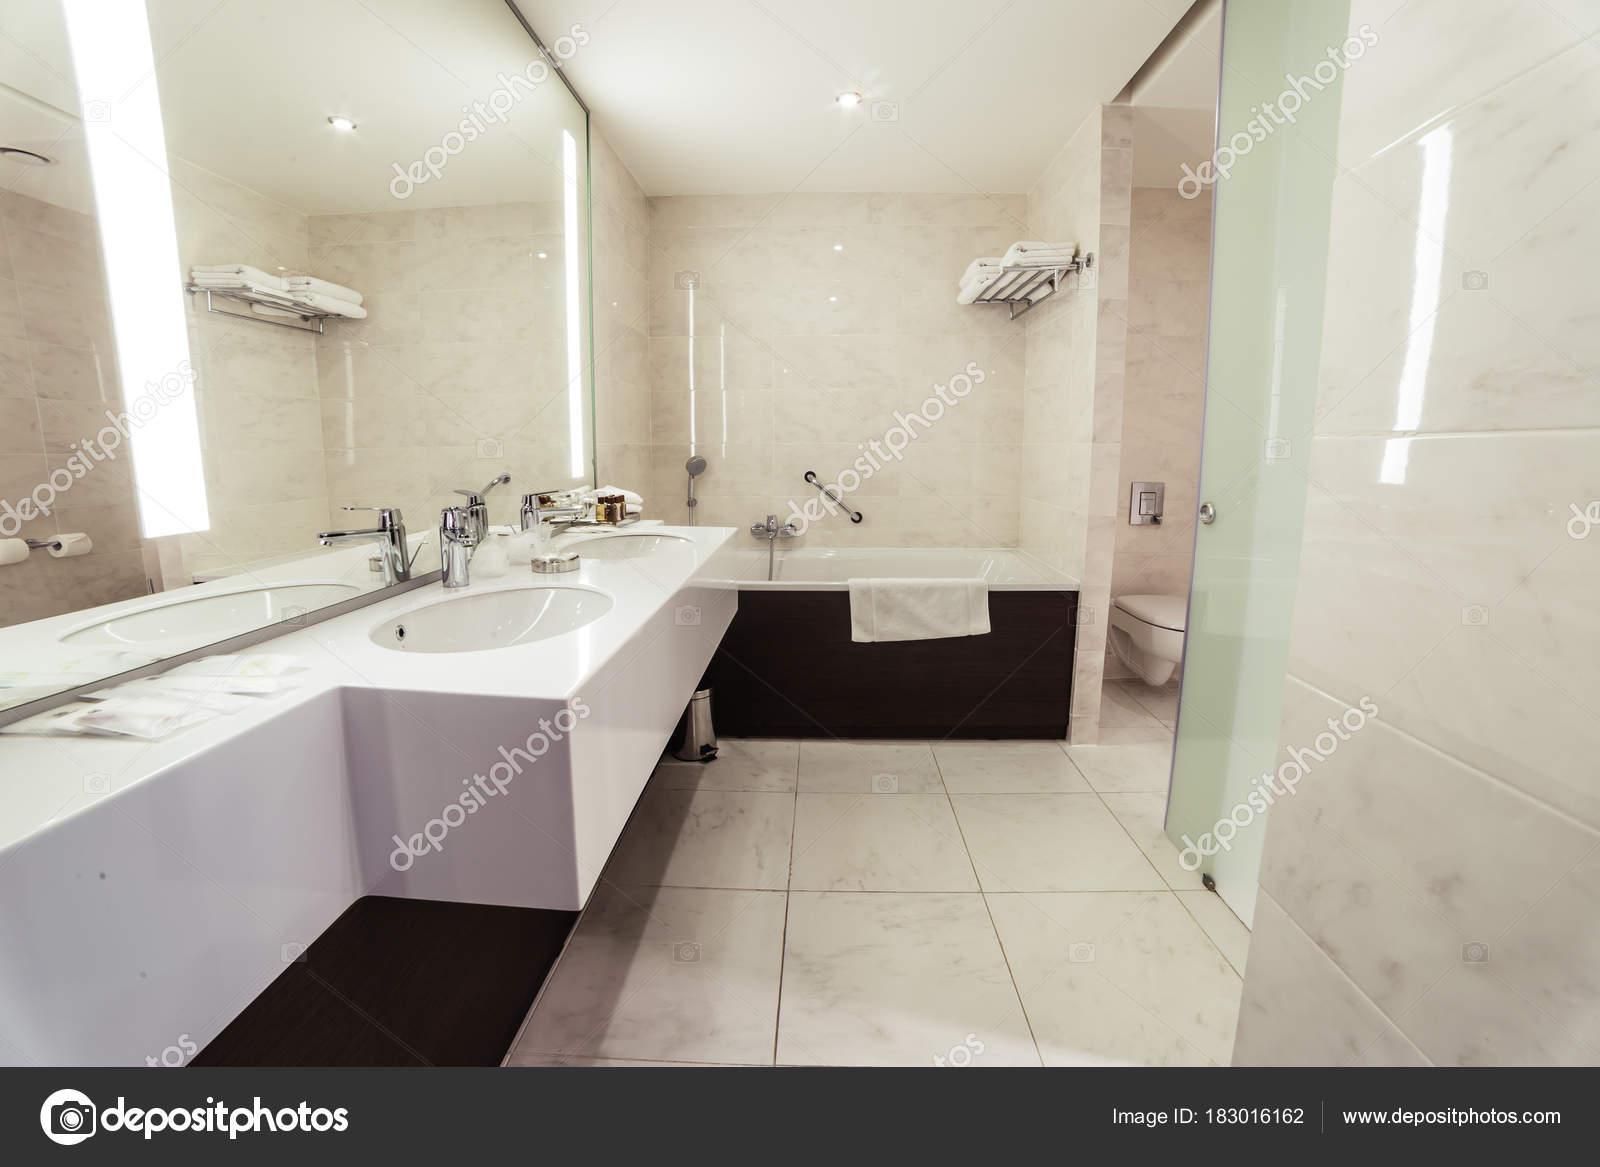 Designer Bathroom With Shower Tiling U2014 Stock Photo